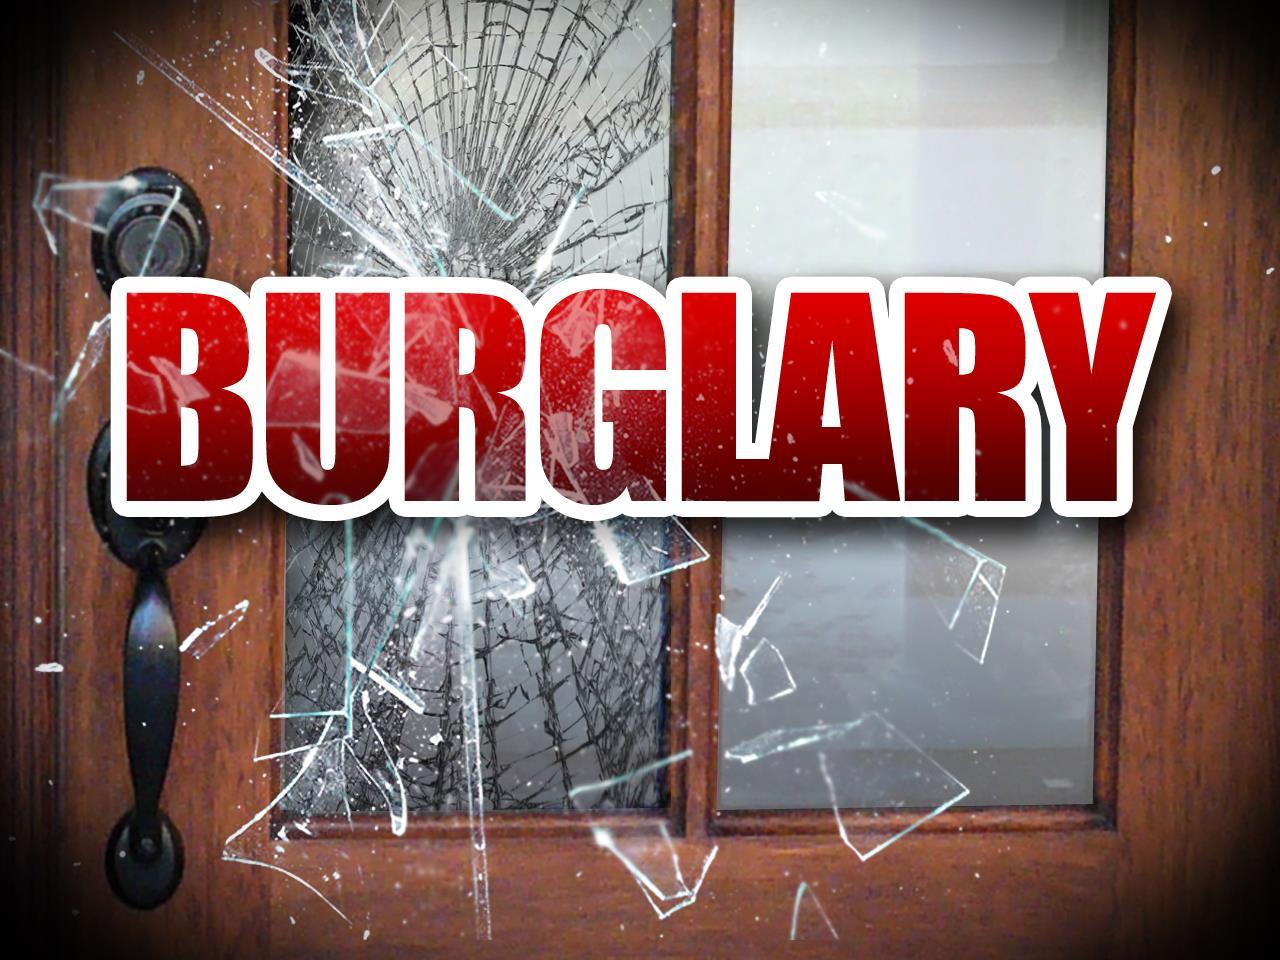 Burglary_1449776937432.jpg